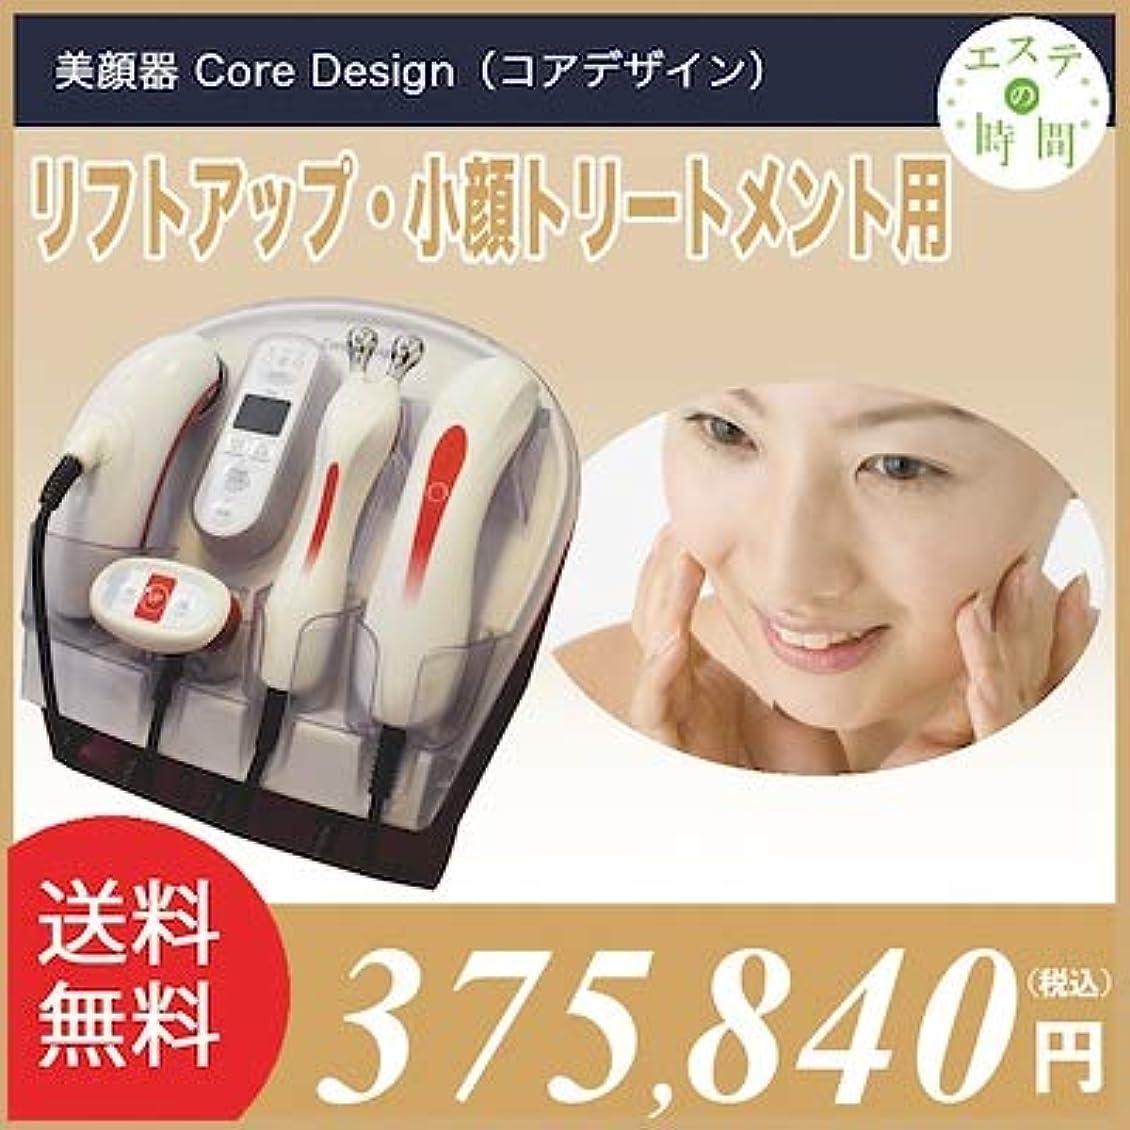 水星びっくり教えて日本製 エステ業務用 美顔器 Core Design (コアデザイン)/ 全国どこでも無償納品研修付